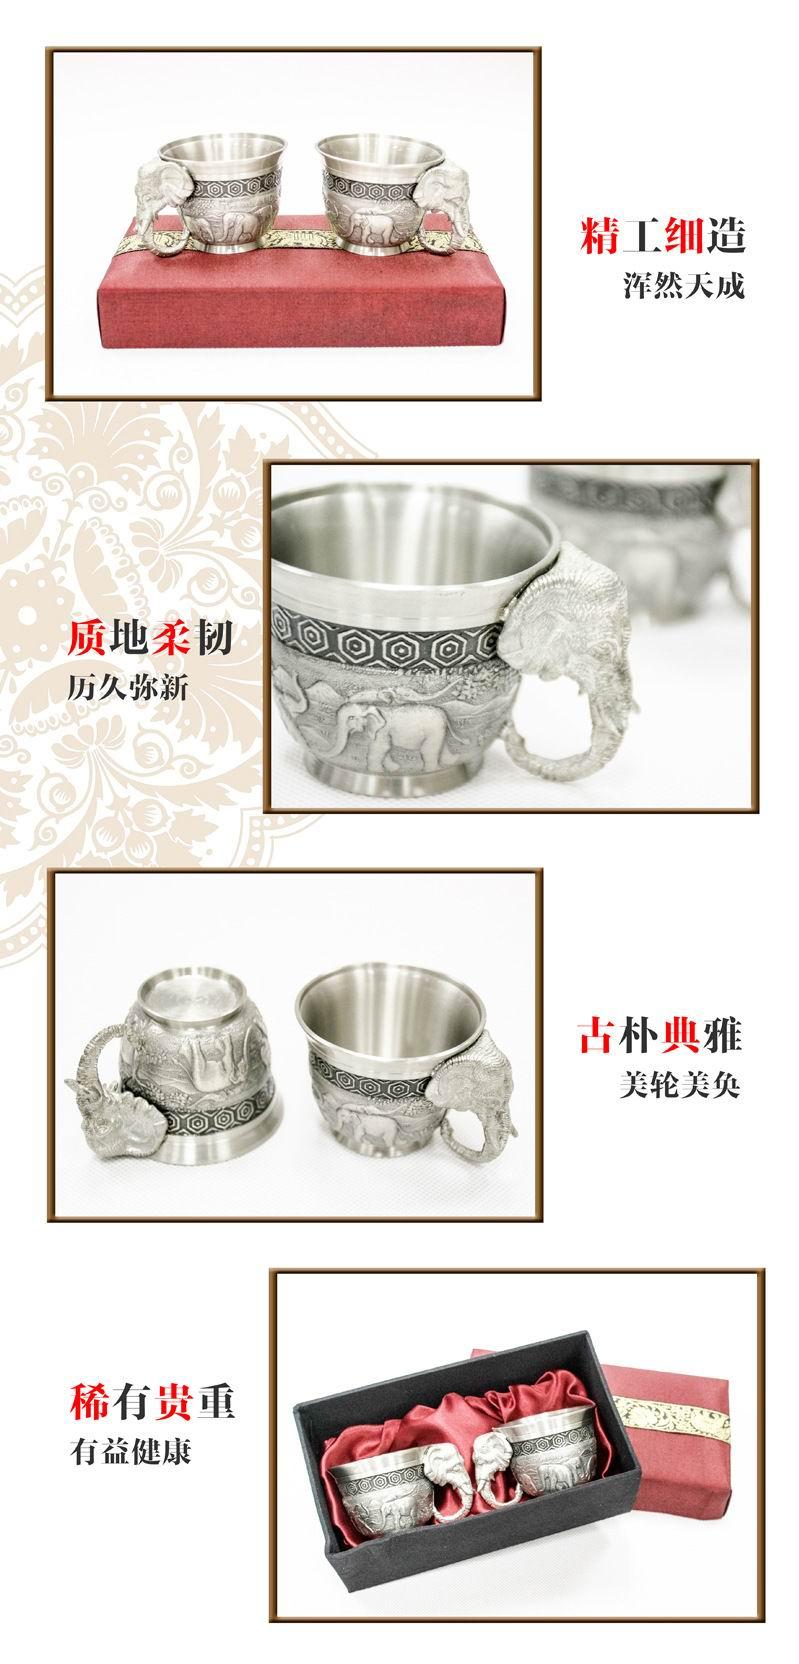 泰国 特色 商务礼盒套装 锡金杯 茶杯 酒杯 小象图片四